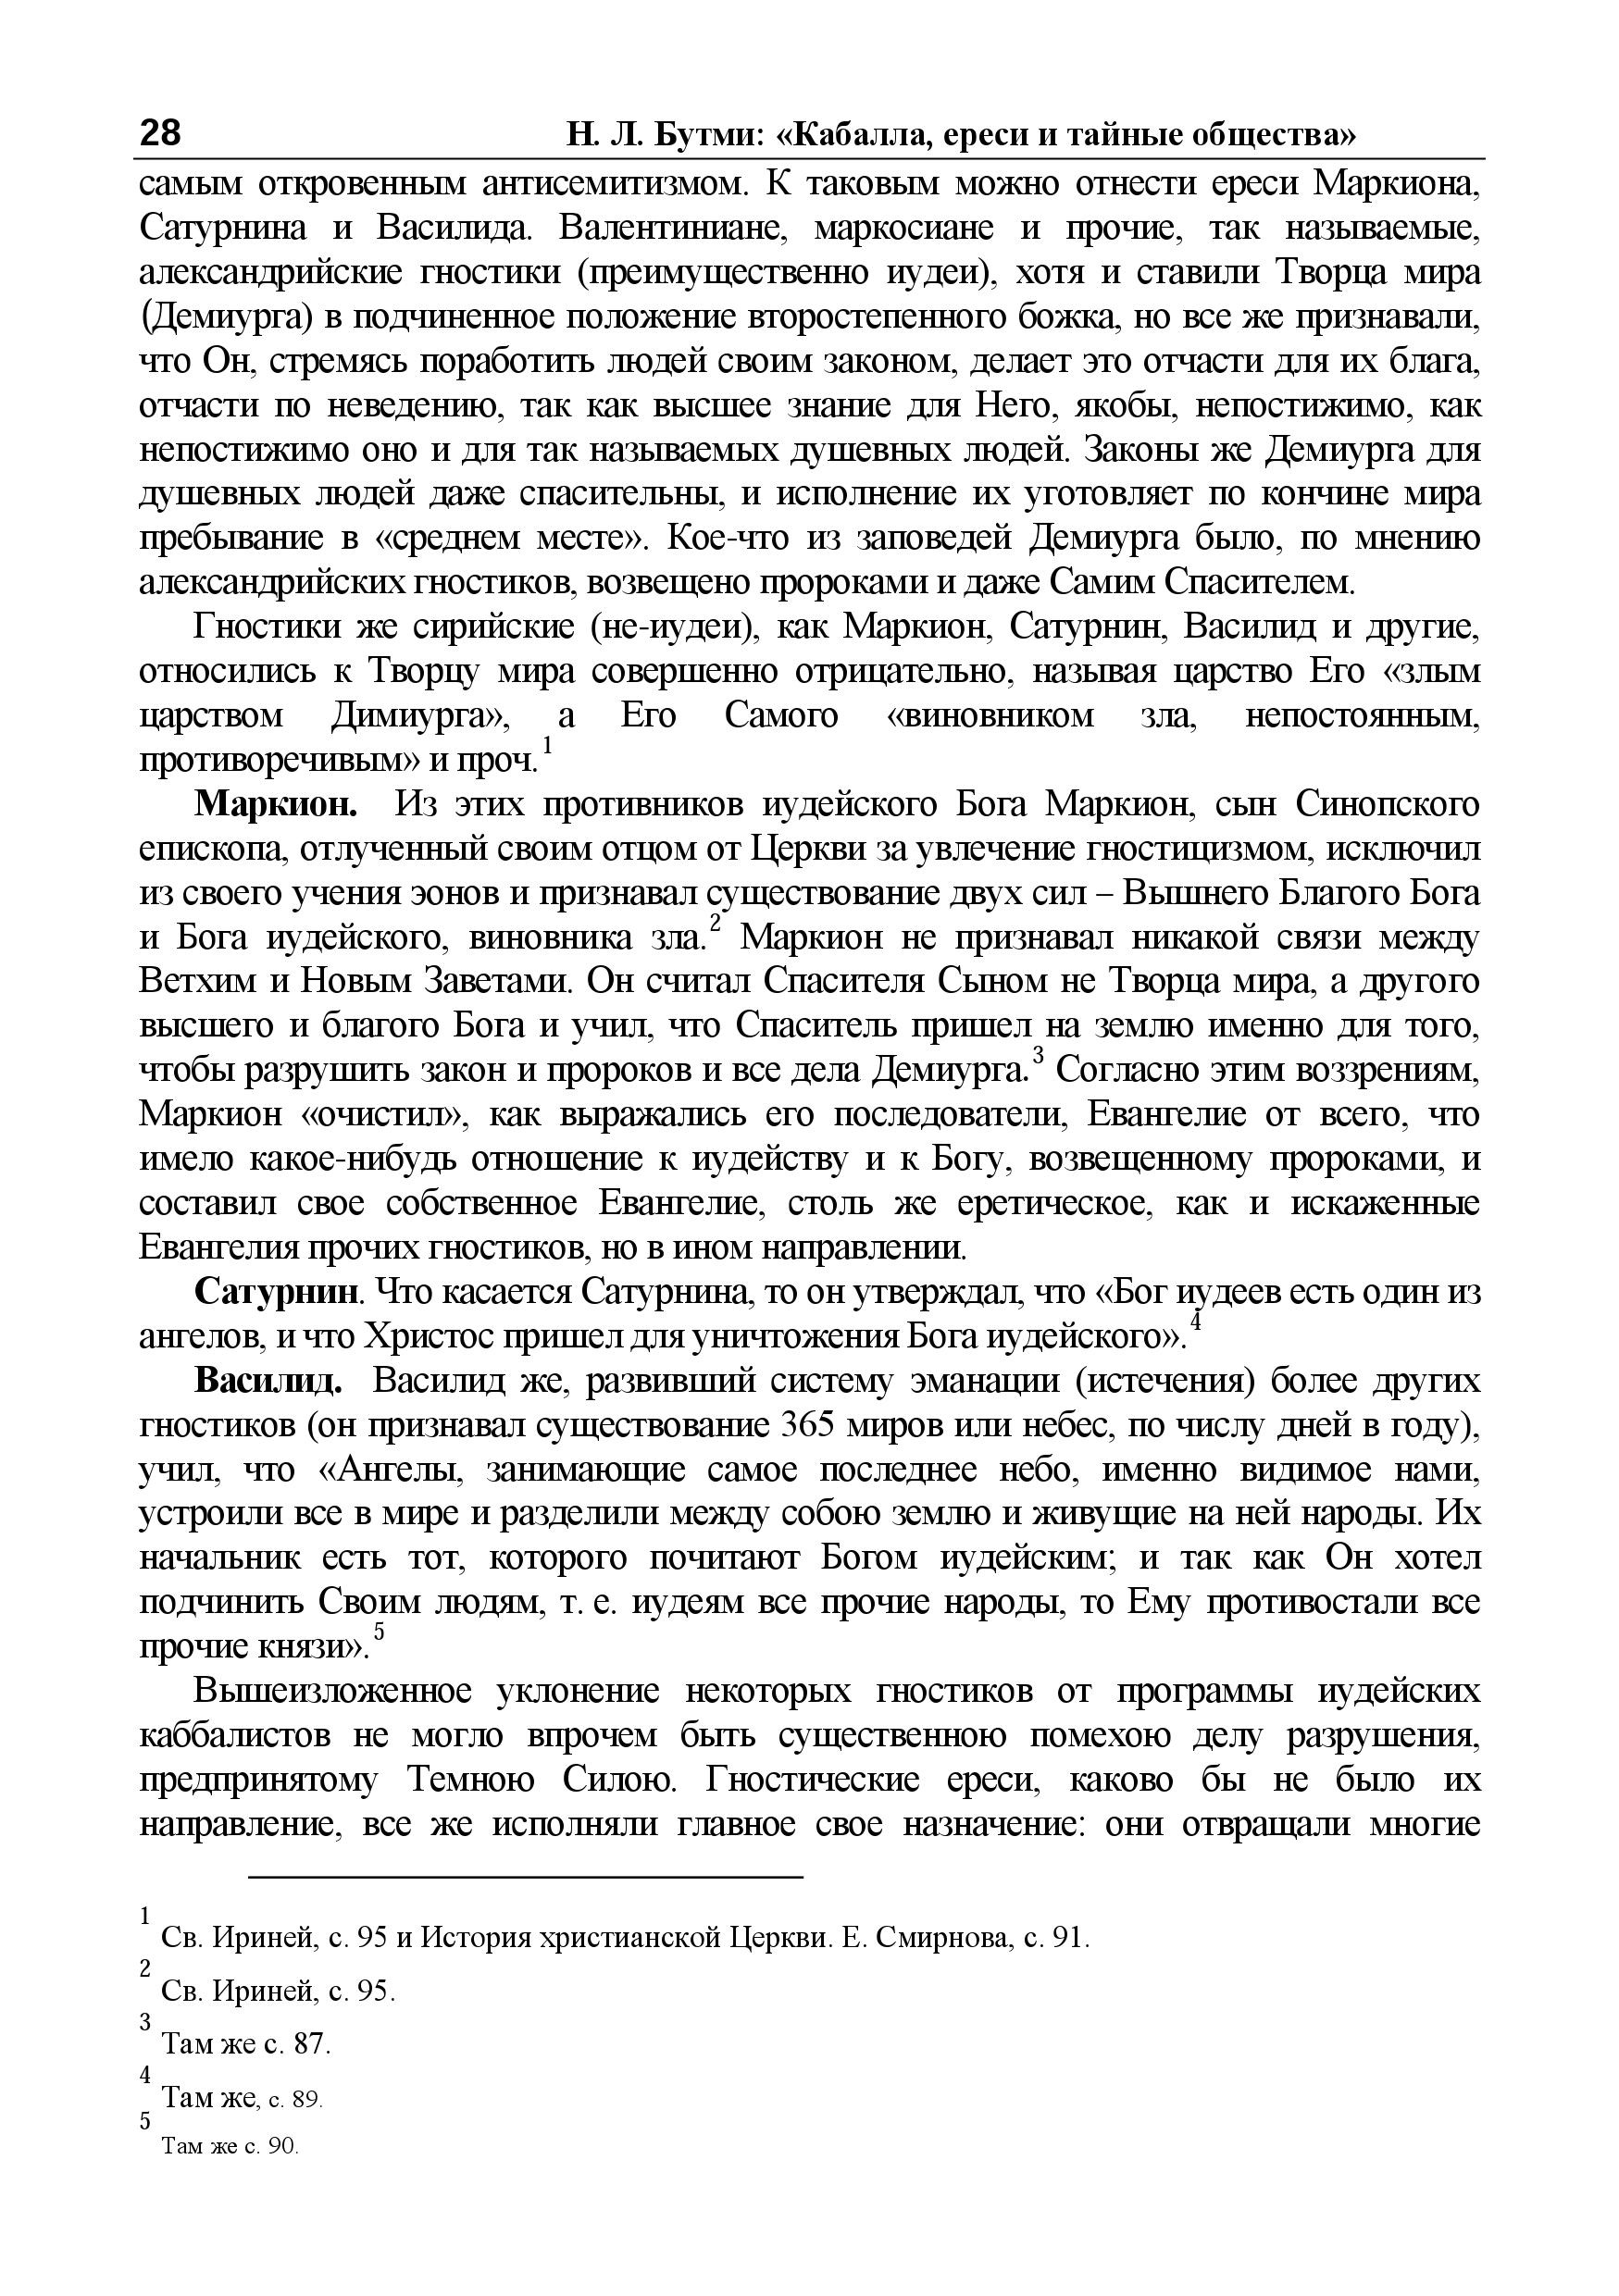 http://se.uploads.ru/3RCFz.jpg